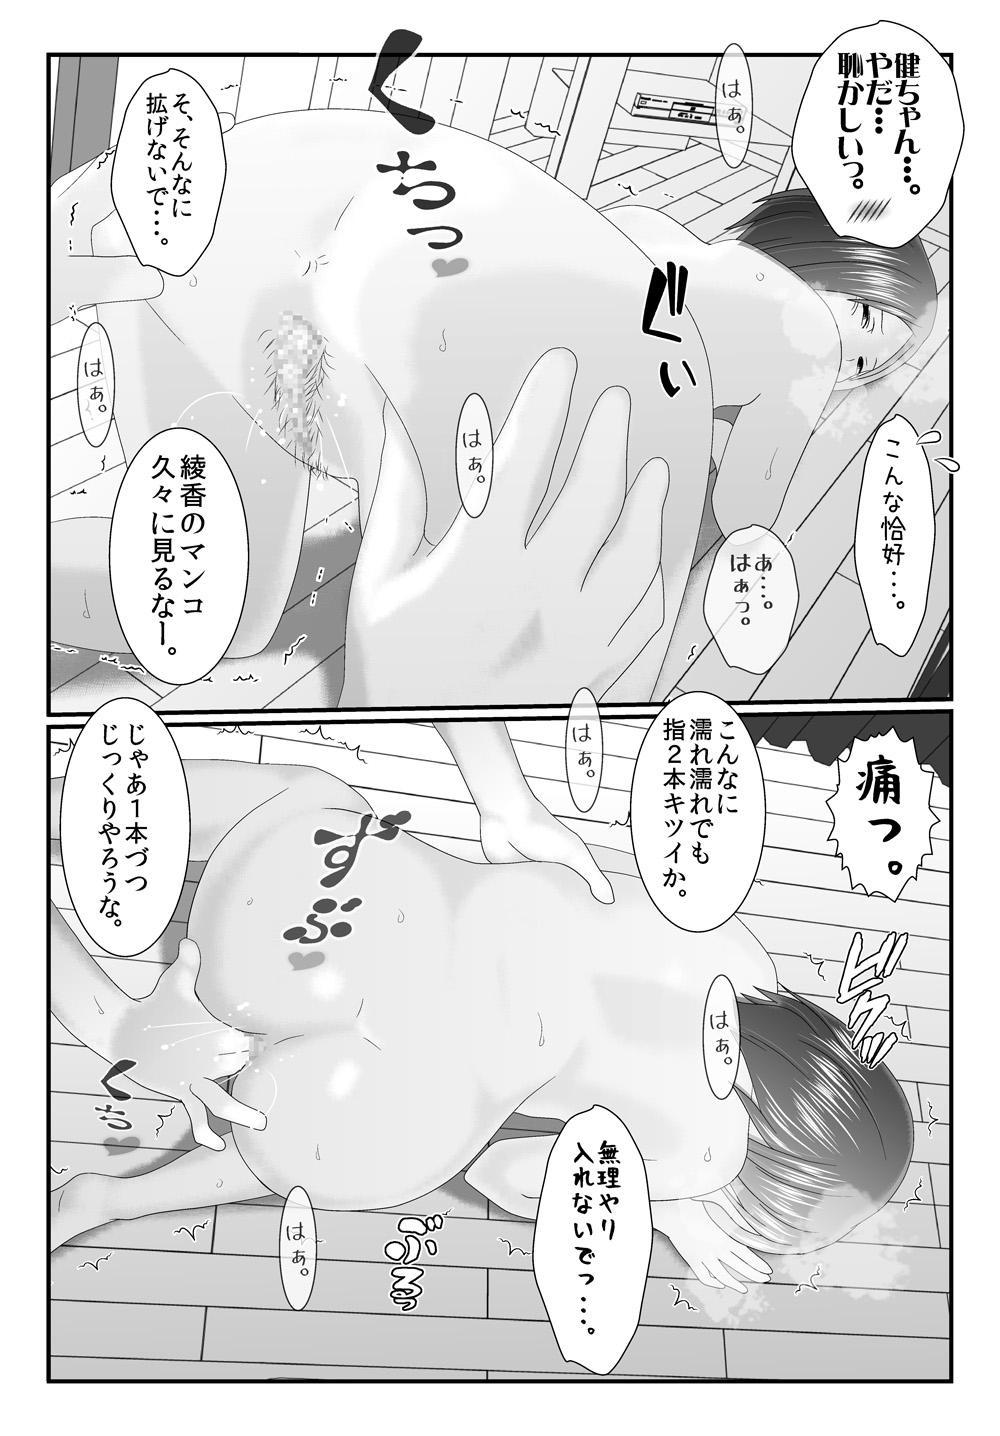 Ore no Juumai ga Razoku de Komaru - Ero Juukei × Juumai 26